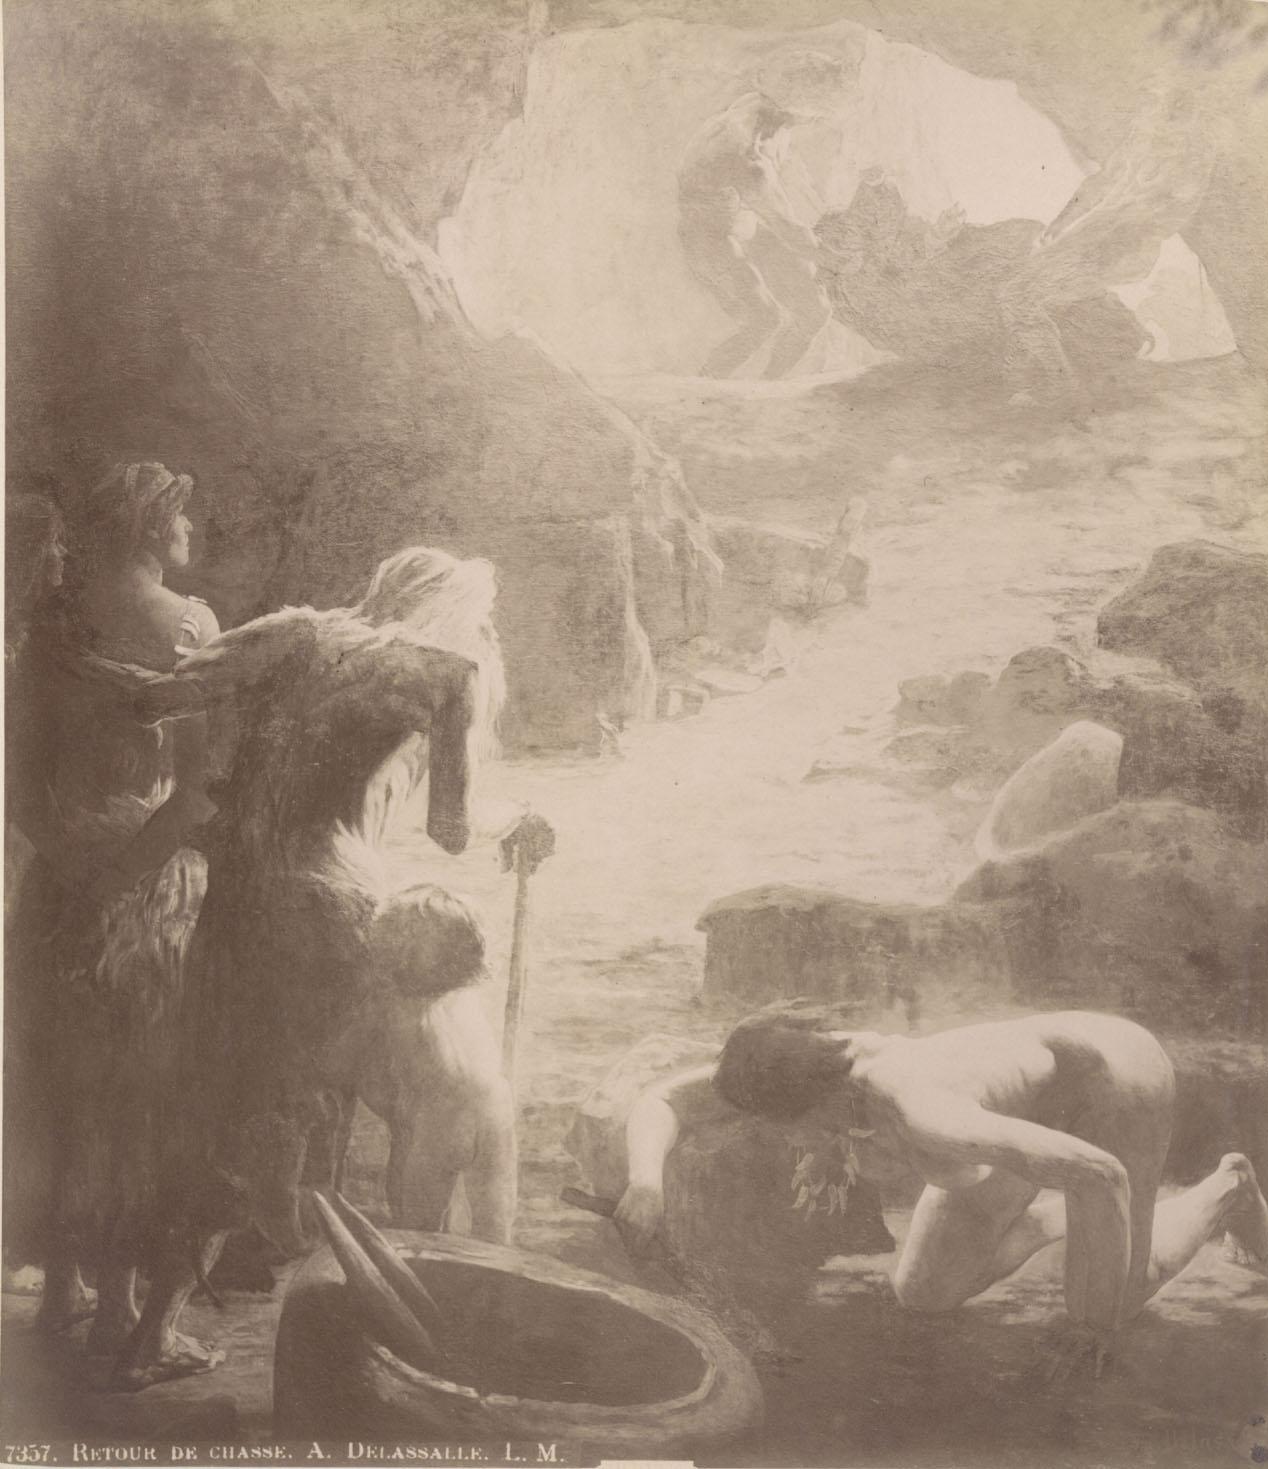 l'image de l'homme préhistorique - Page 2 Dafanch99_76652601_2